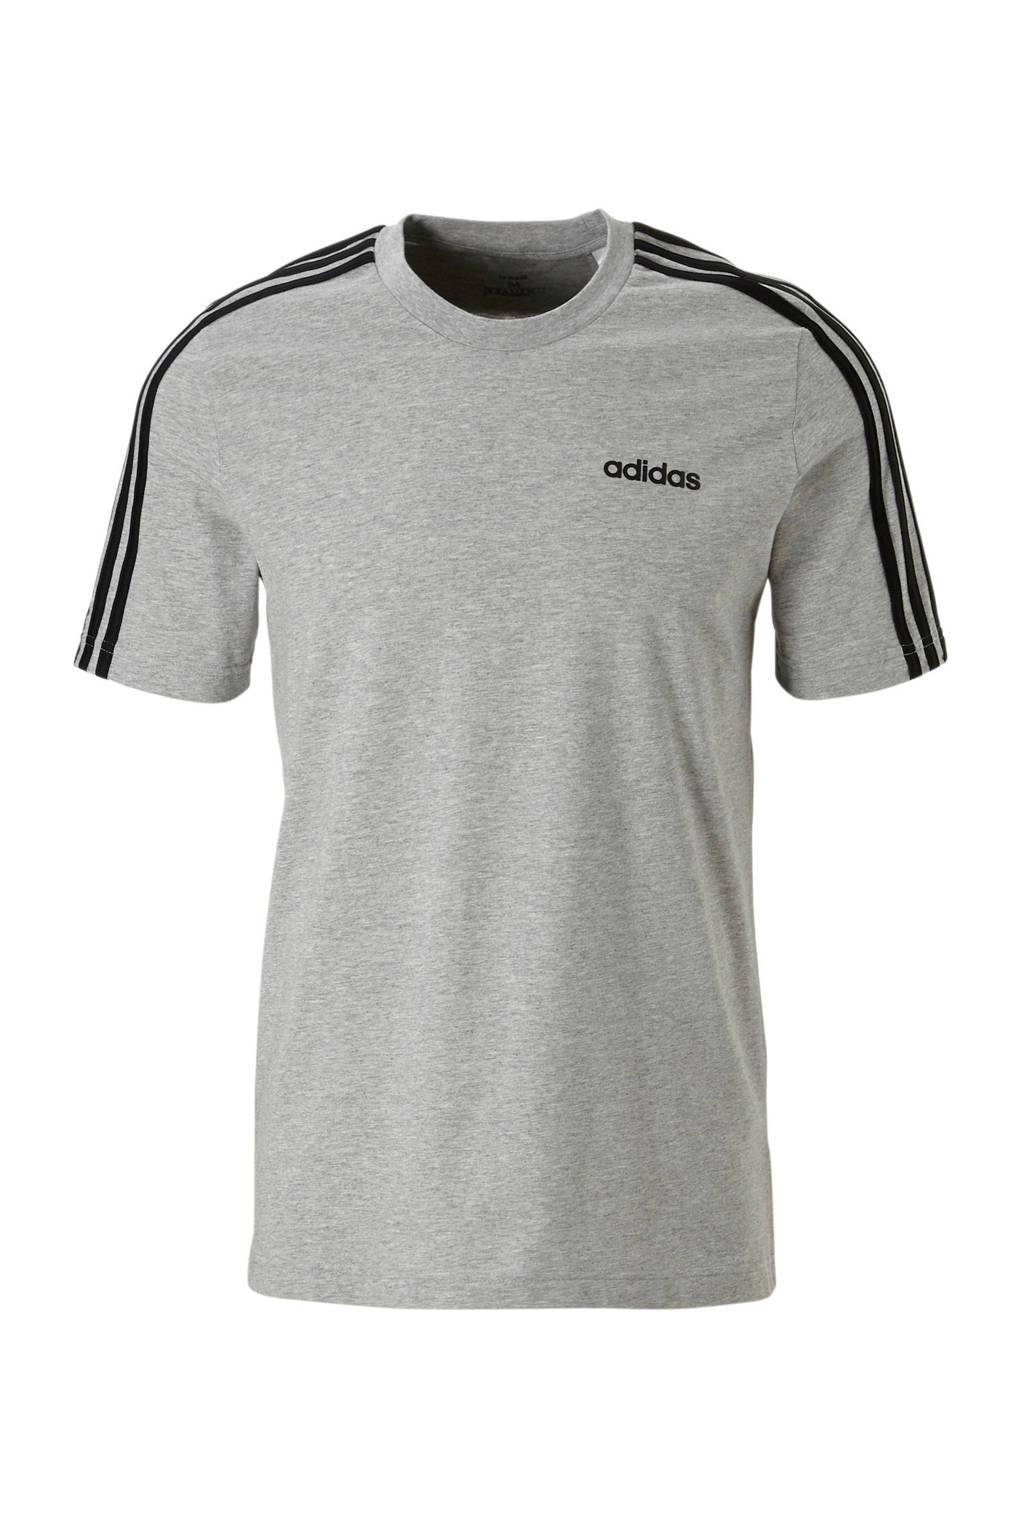 adidas   sport T-shirt, Grijs melange/zwart